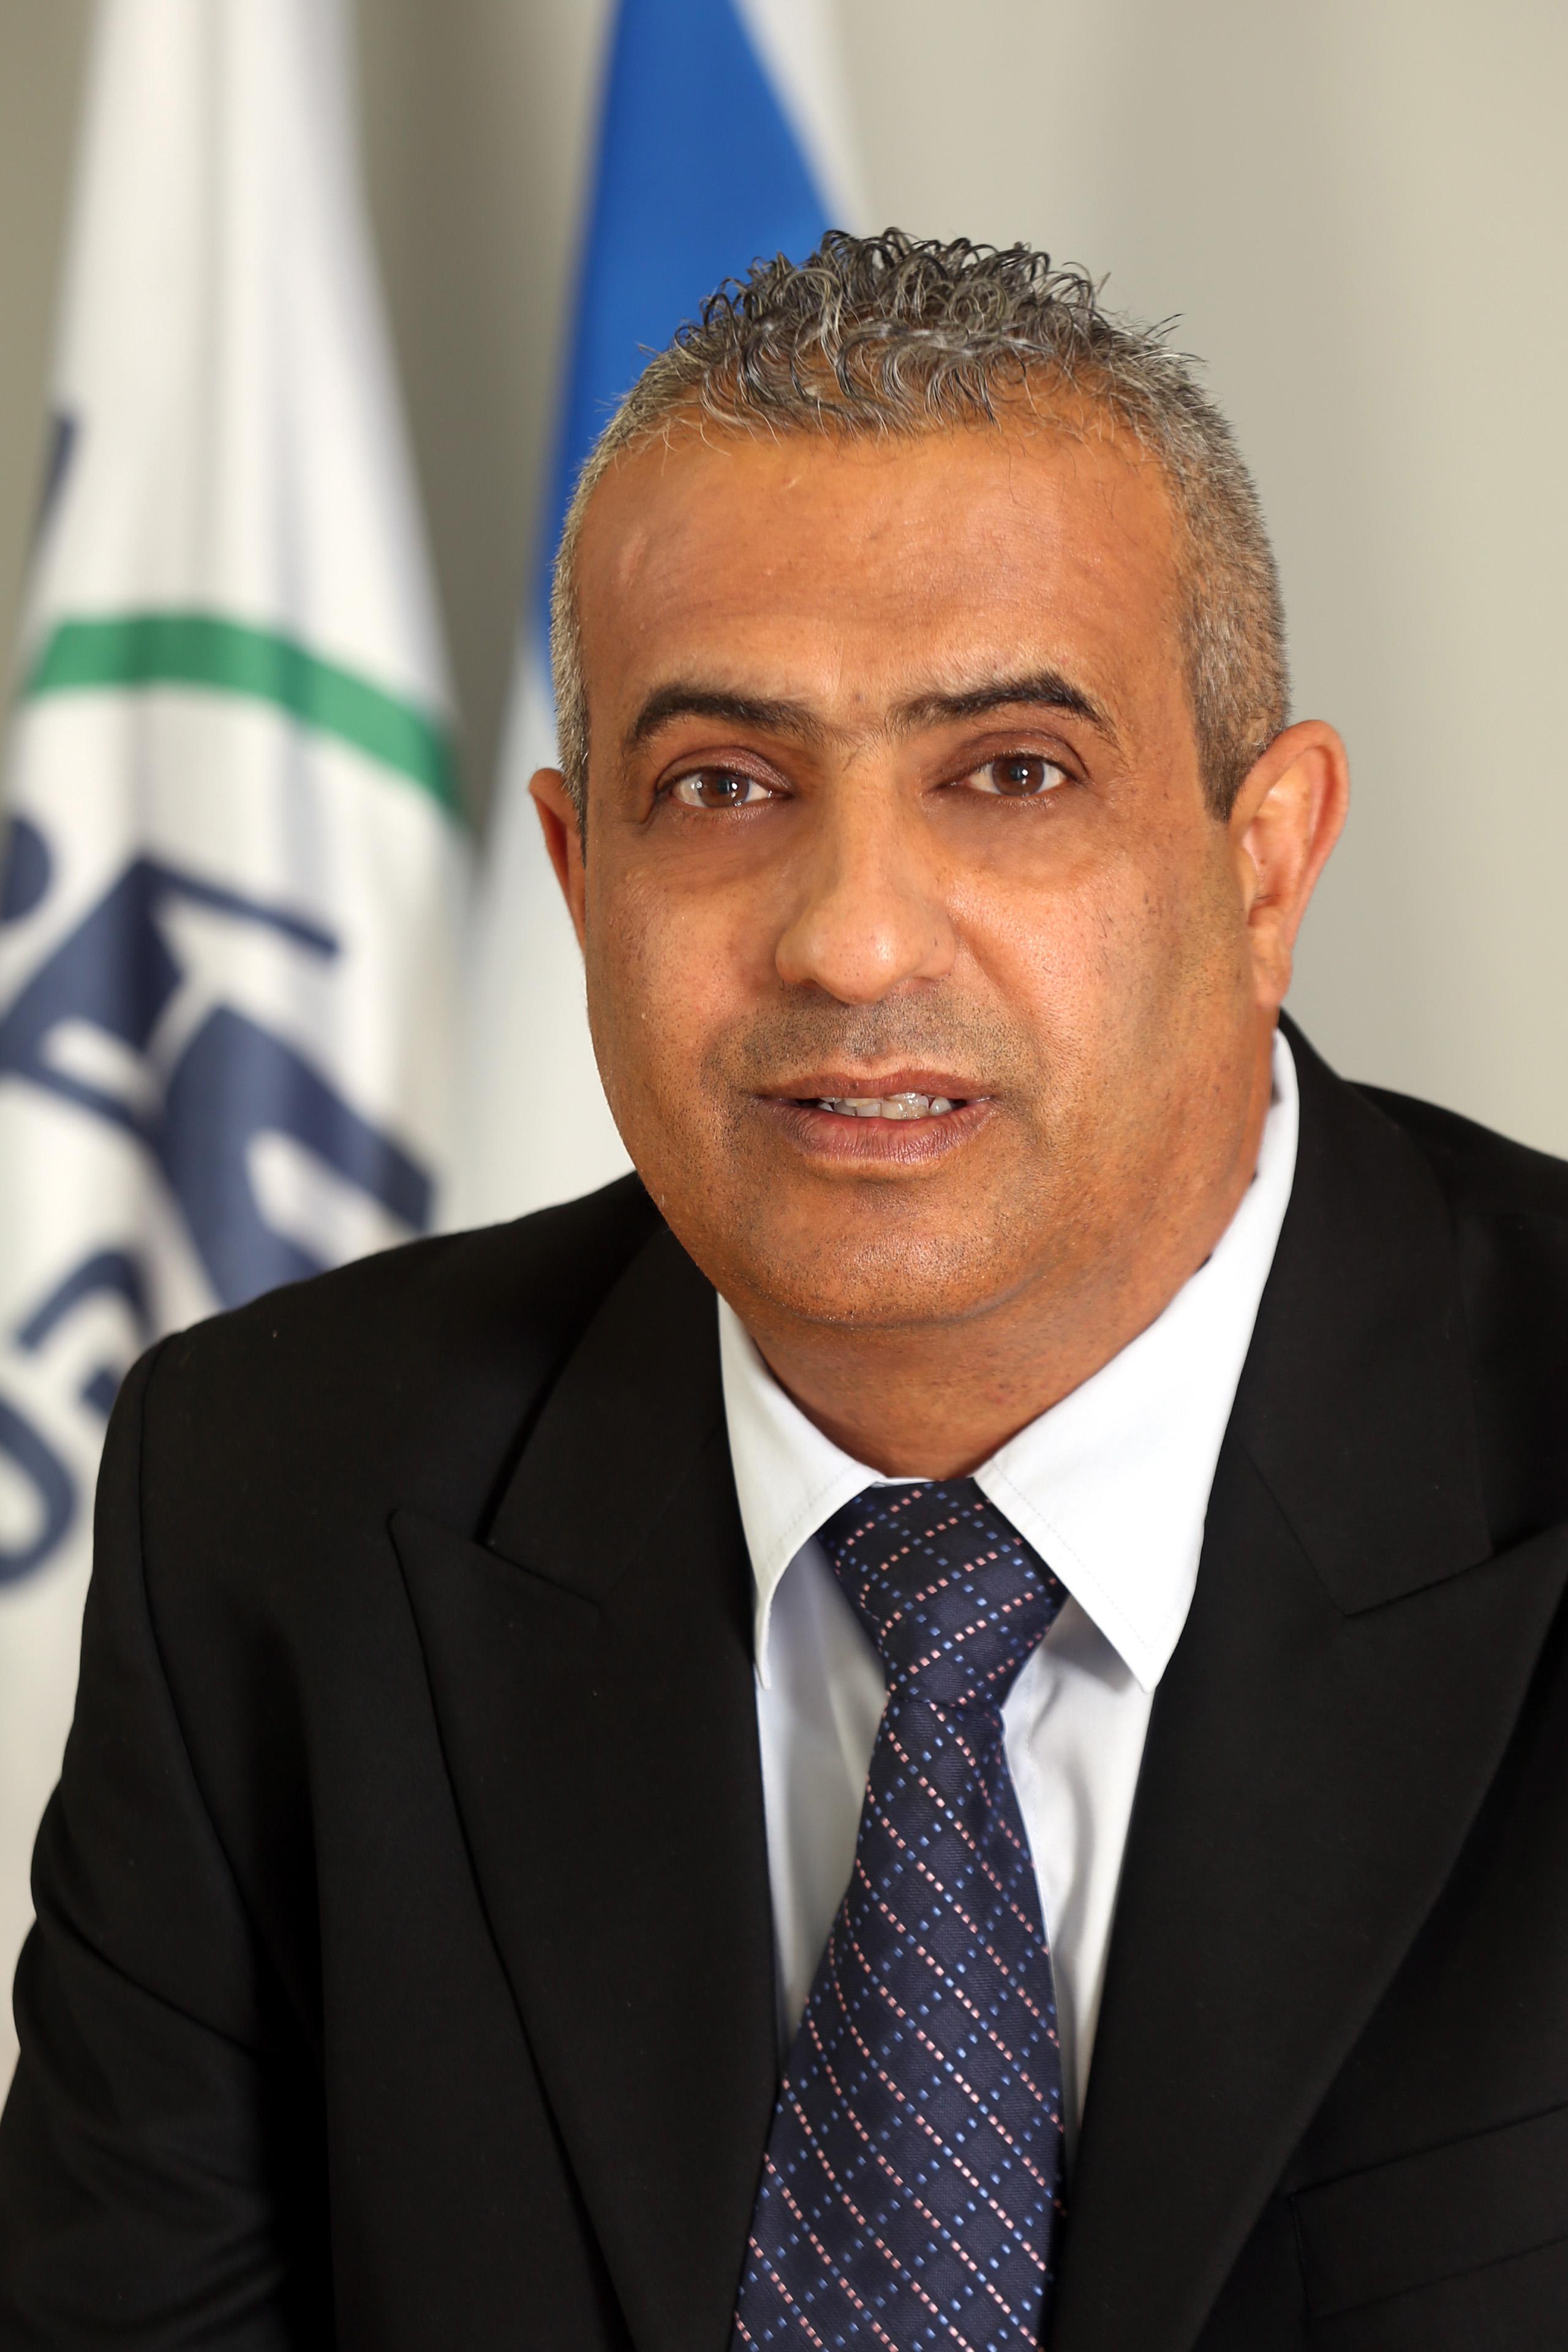 יושב ראש ההסתדרות הלאומית, יואב שמחי